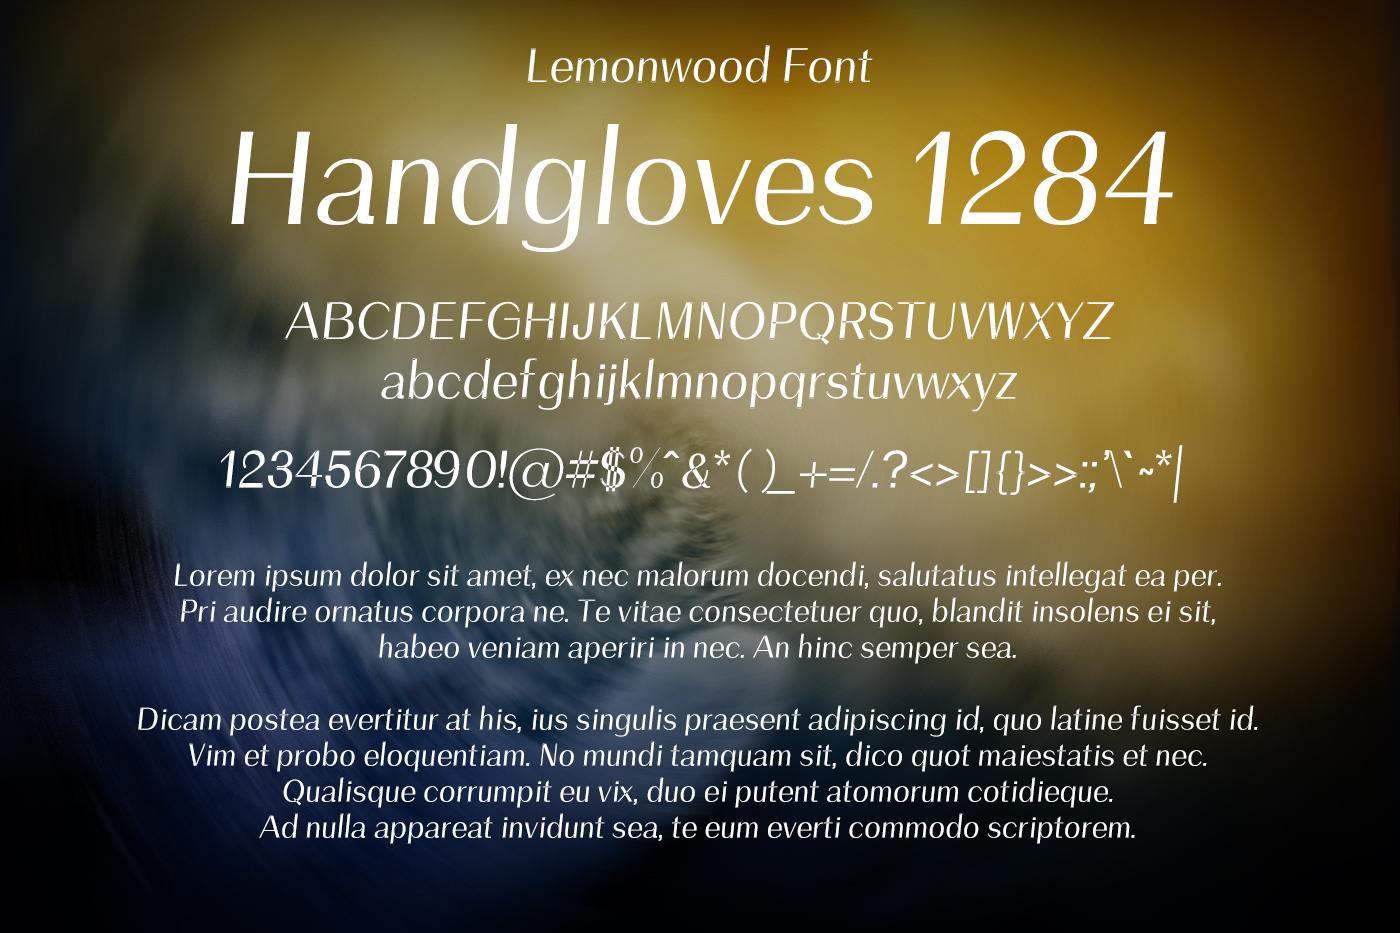 Lemonwood Font example image 2